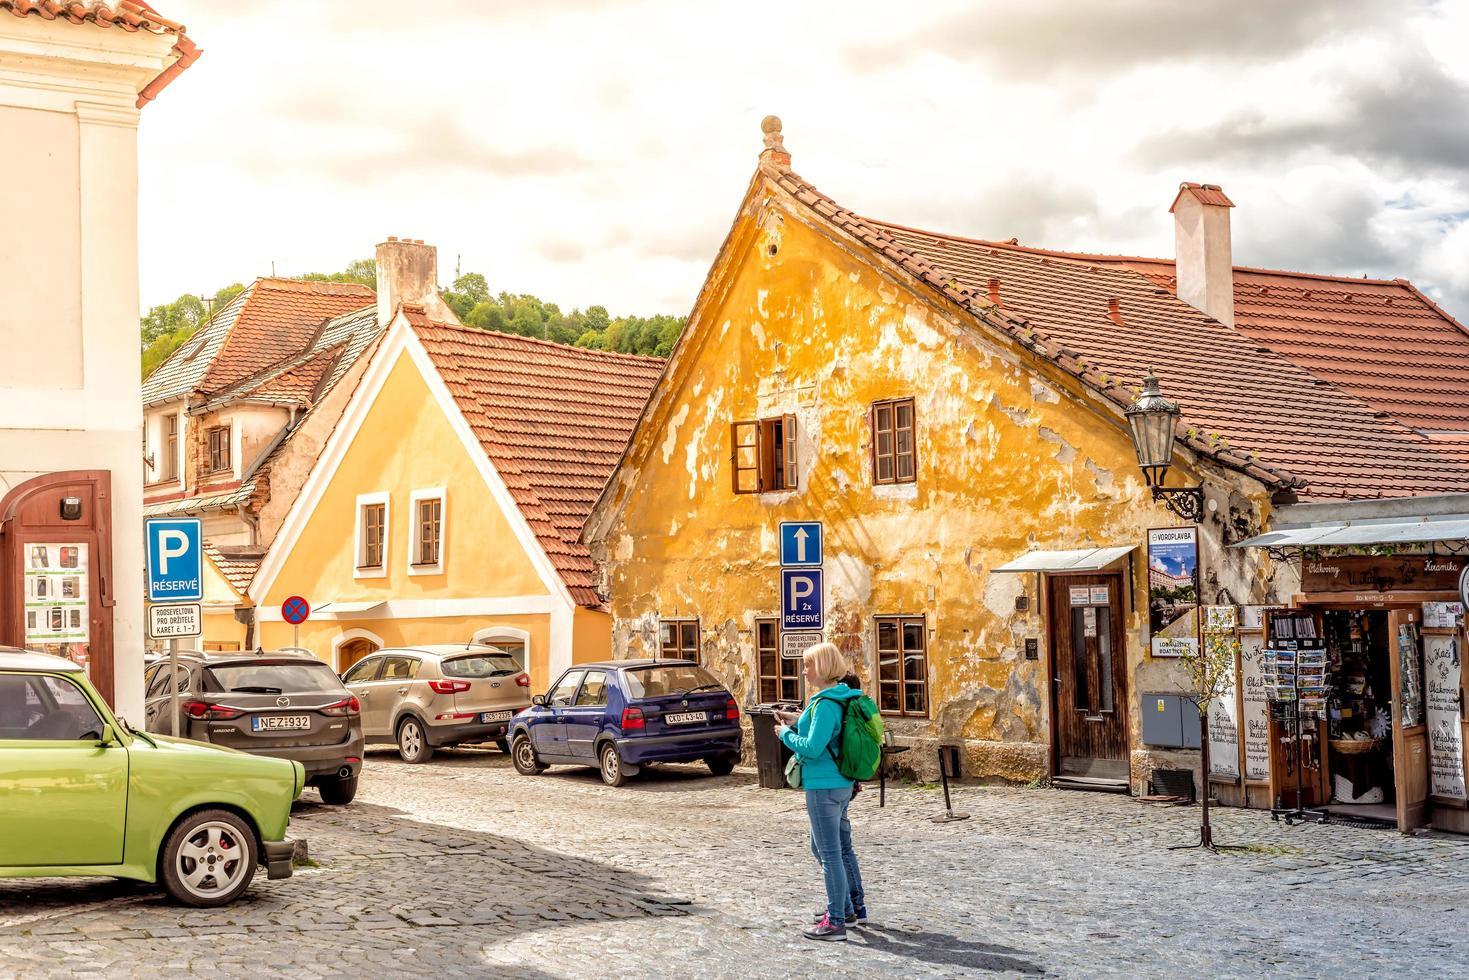 Tsjechië 2017 - historische oude stad Cesky Krumlov in Zuid-Bohemen foto